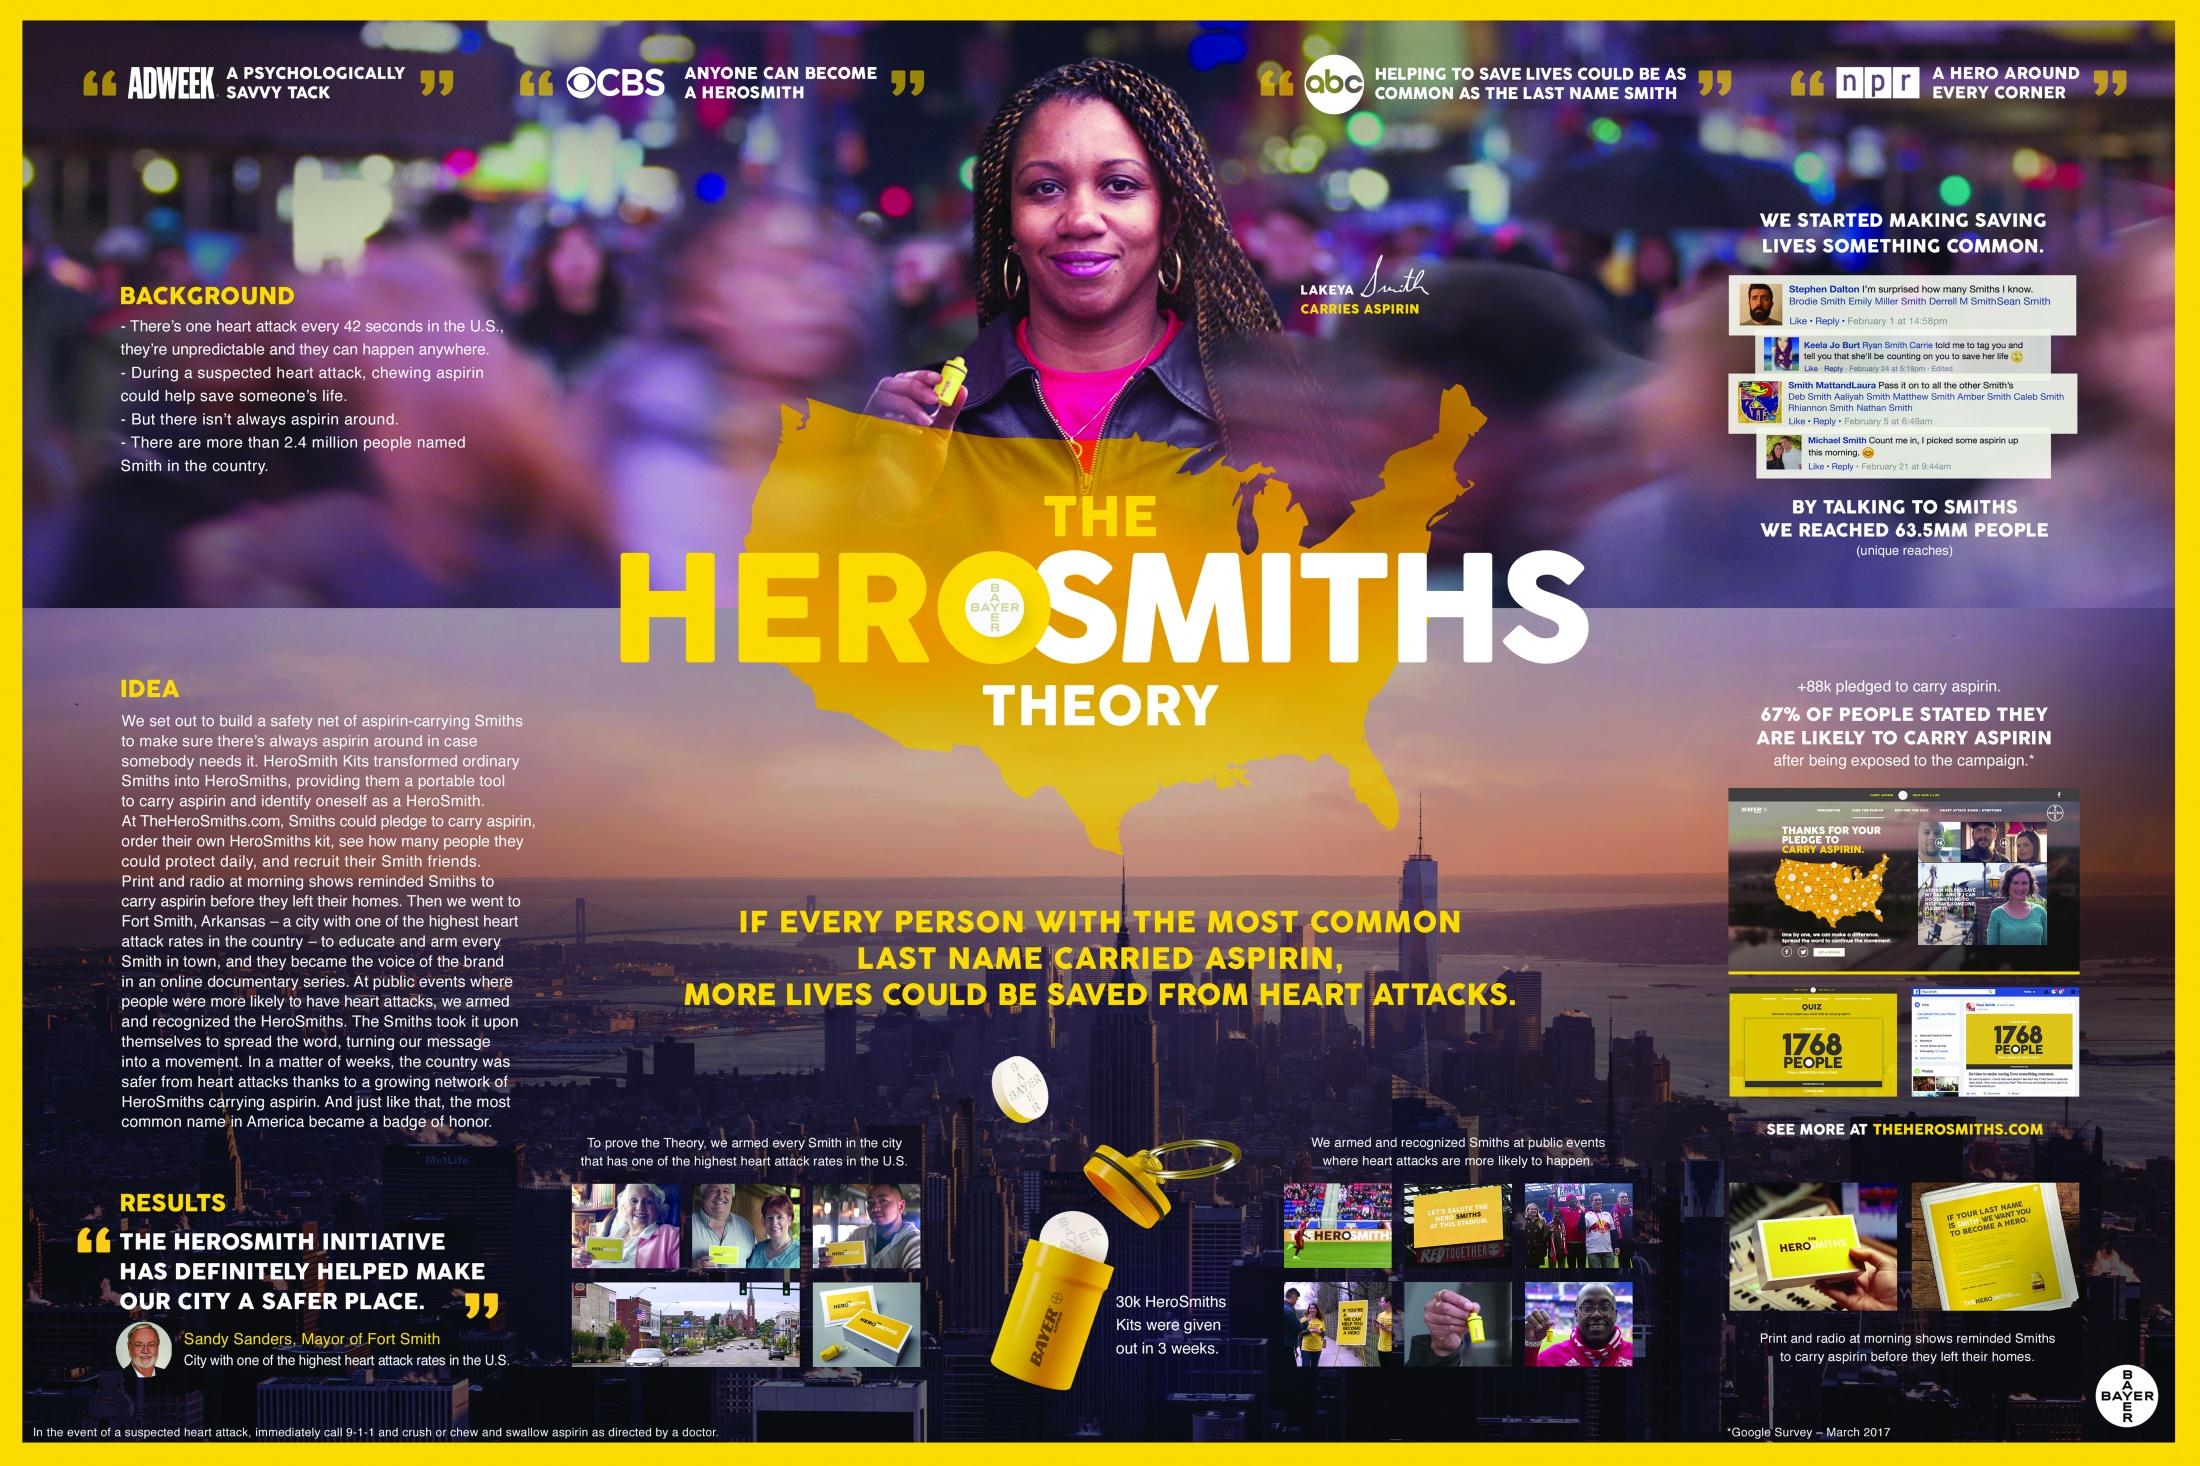 Thumbnail for HeroSmiths